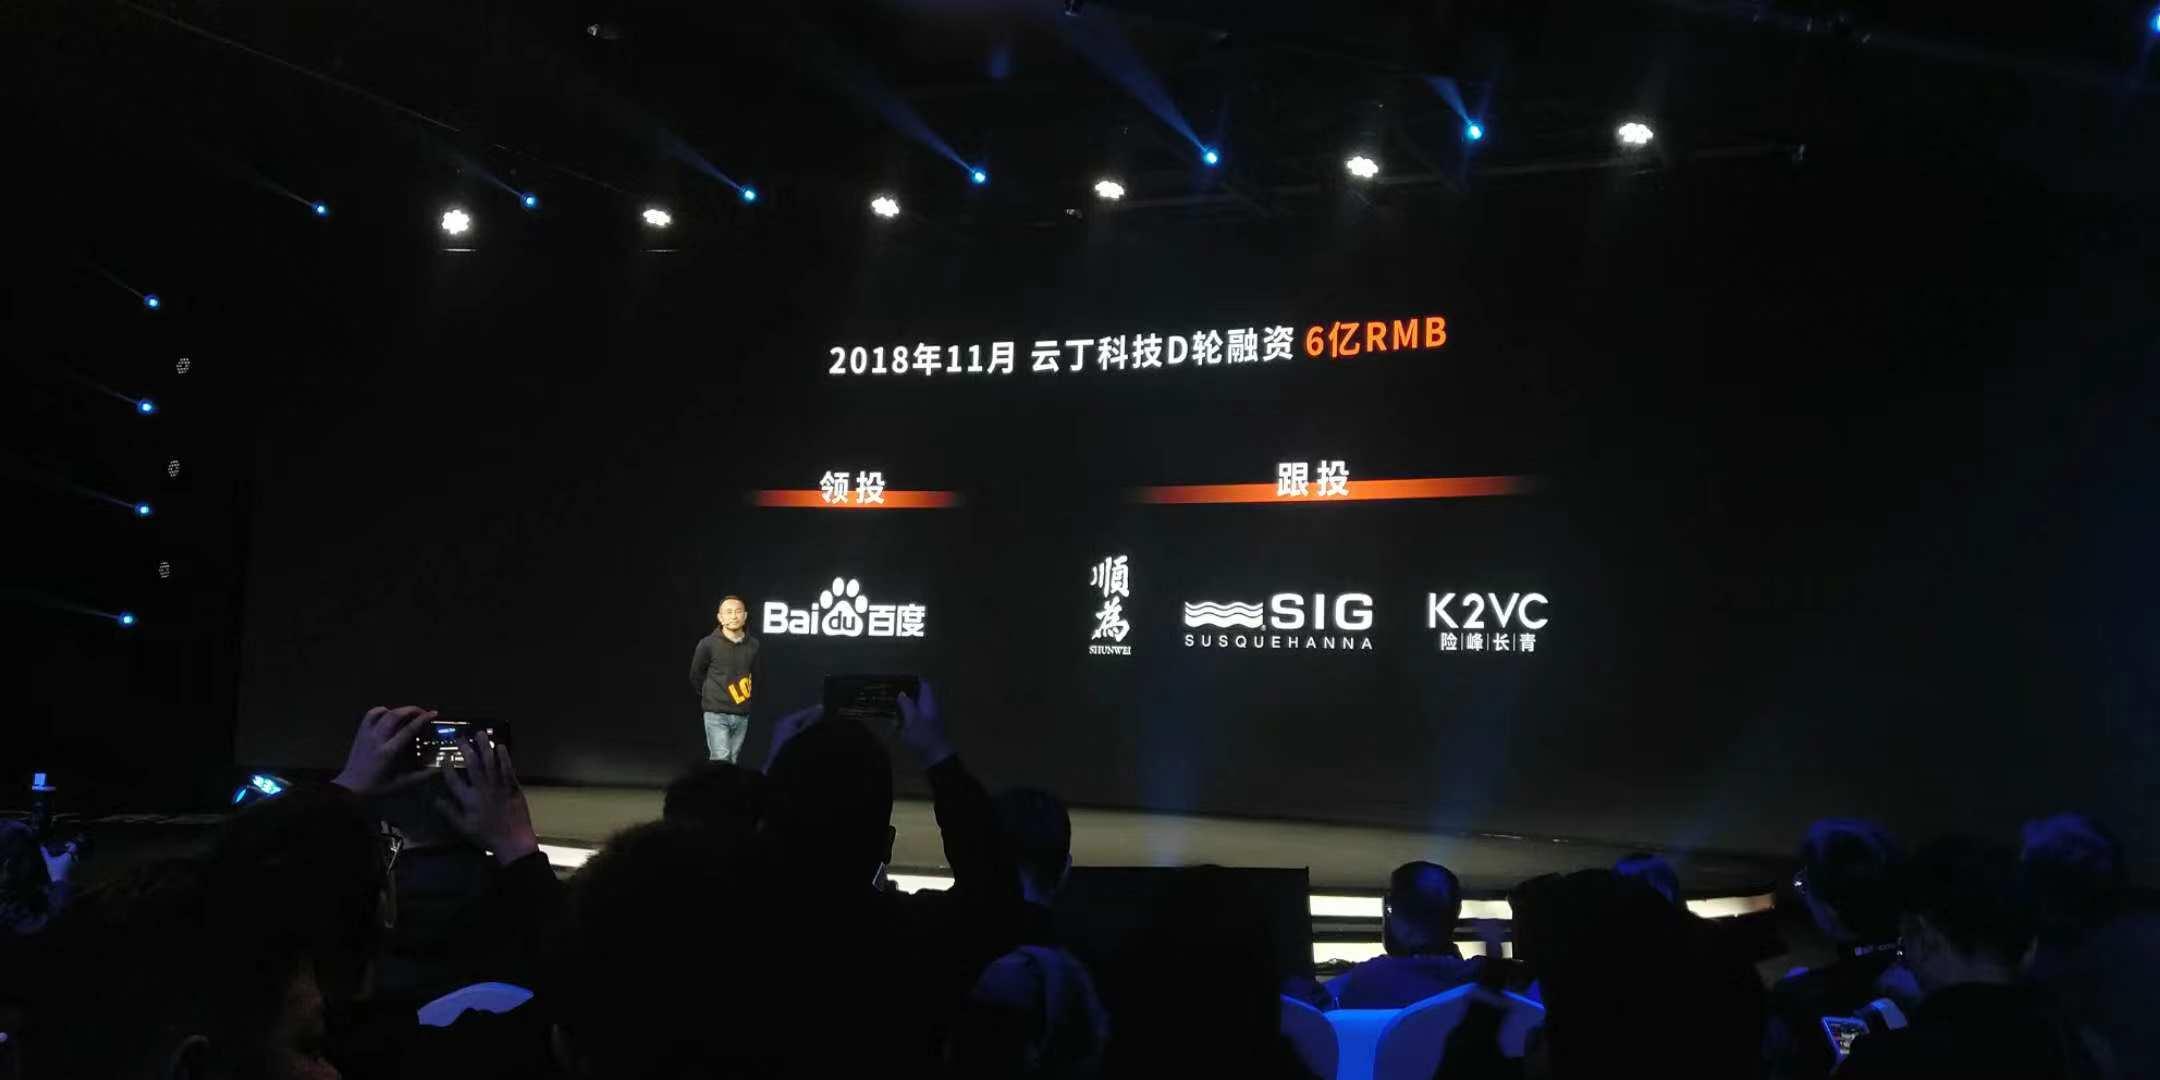 云丁科技完成D轮6亿融资,公布Touch2 Pro新品